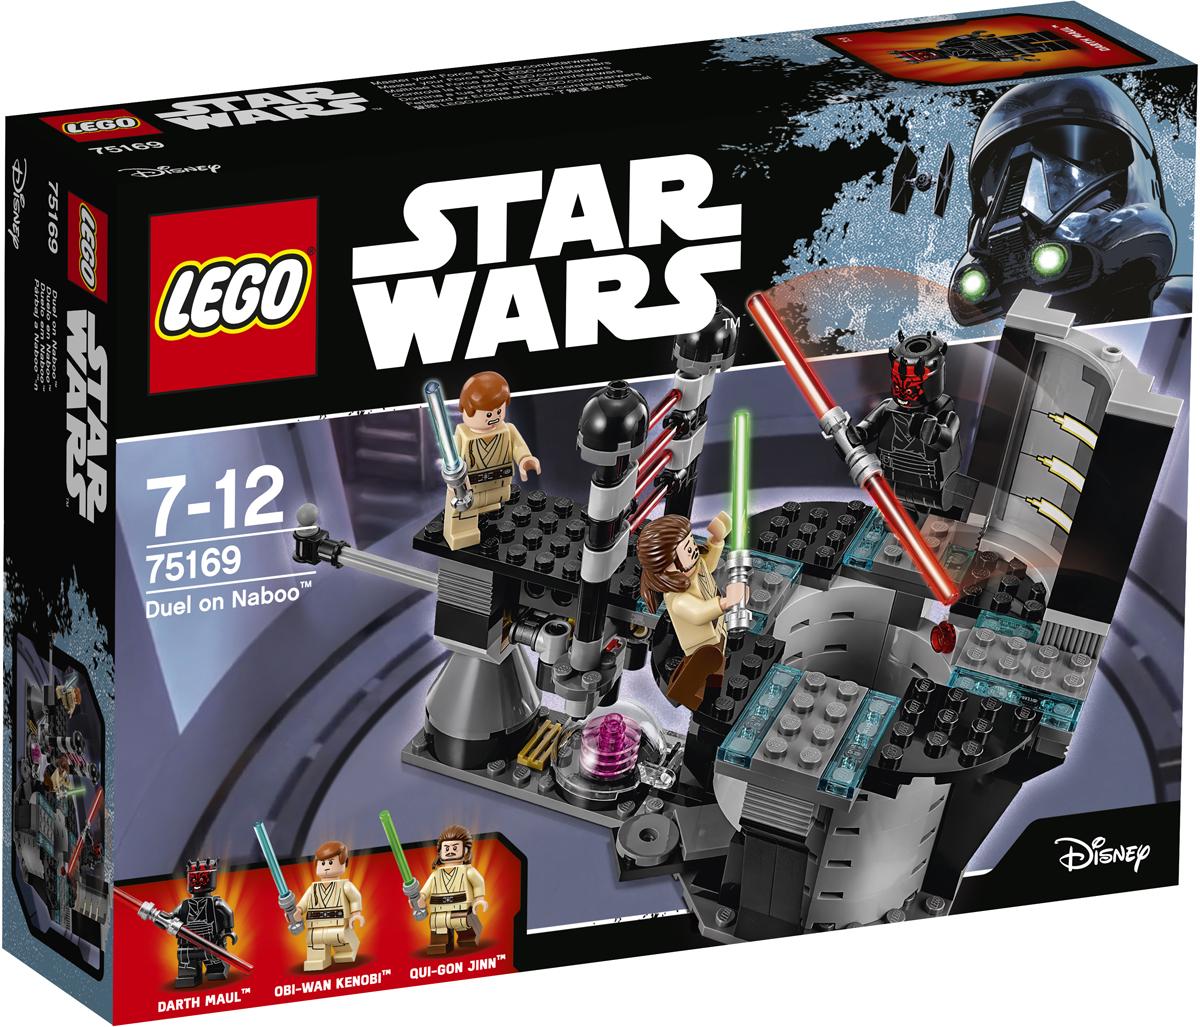 LEGO Star Wars Конструктор Дуэль на Набу 7516975169Магистр Квай-Гон Джин настиг Дарта Мола в реакторной комнате дворца на Набу и нуждается в вашей помощи, чтобы победить ситха раз и навсегда. Устройте дуэль на световых мечах. Если упадете, активируйте катапульту, чтобы отпрыгнуть. Если Мол окажется слишком силён, дёргайте за рычаг, который поднимает лазерный щит, чтобы Оби-Ван Кеноби тоже мог вступить в бой. Кто победит в этой невероятной дуэли? Зависит от вас... Набор включает в себя 208 разноцветных элементов и три минифигурки. Конструктор - это один из самых увлекательных и веселых способов времяпрепровождения. Ребенок сможет часами играть с конструктором, придумывая различные ситуации и истории.